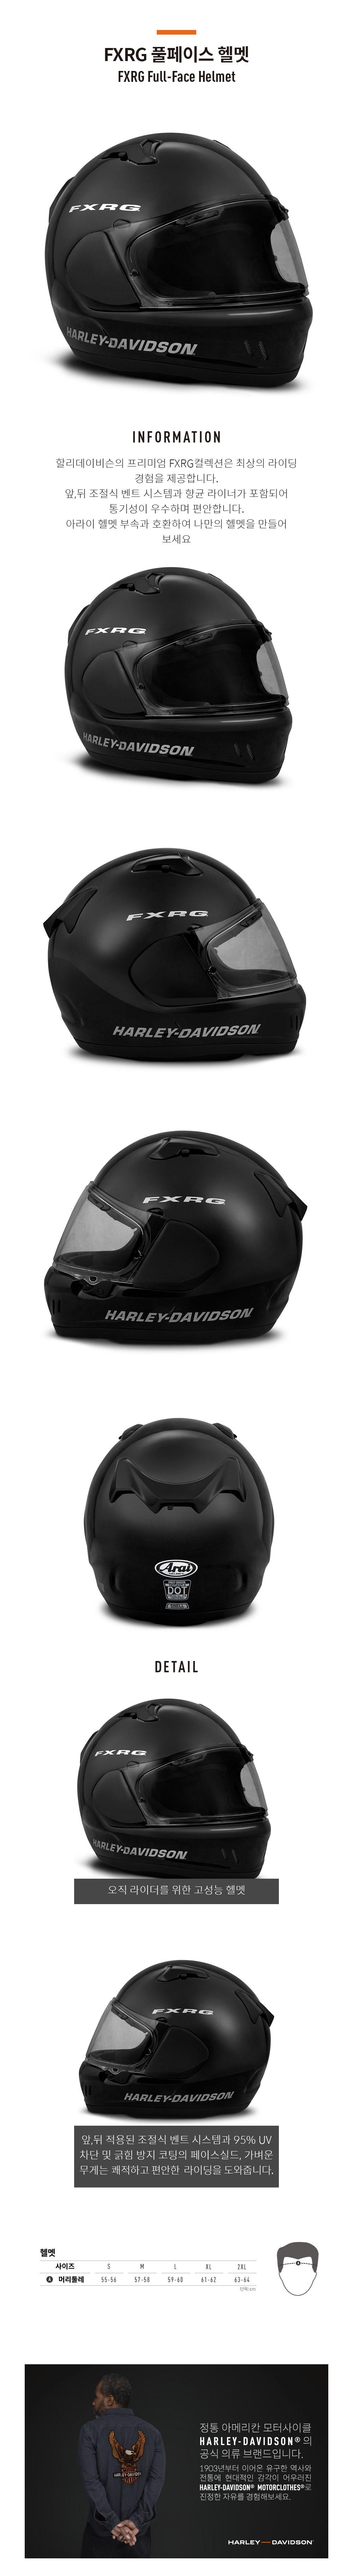 할리데이비슨 FXRG 풀페이스 헬멧